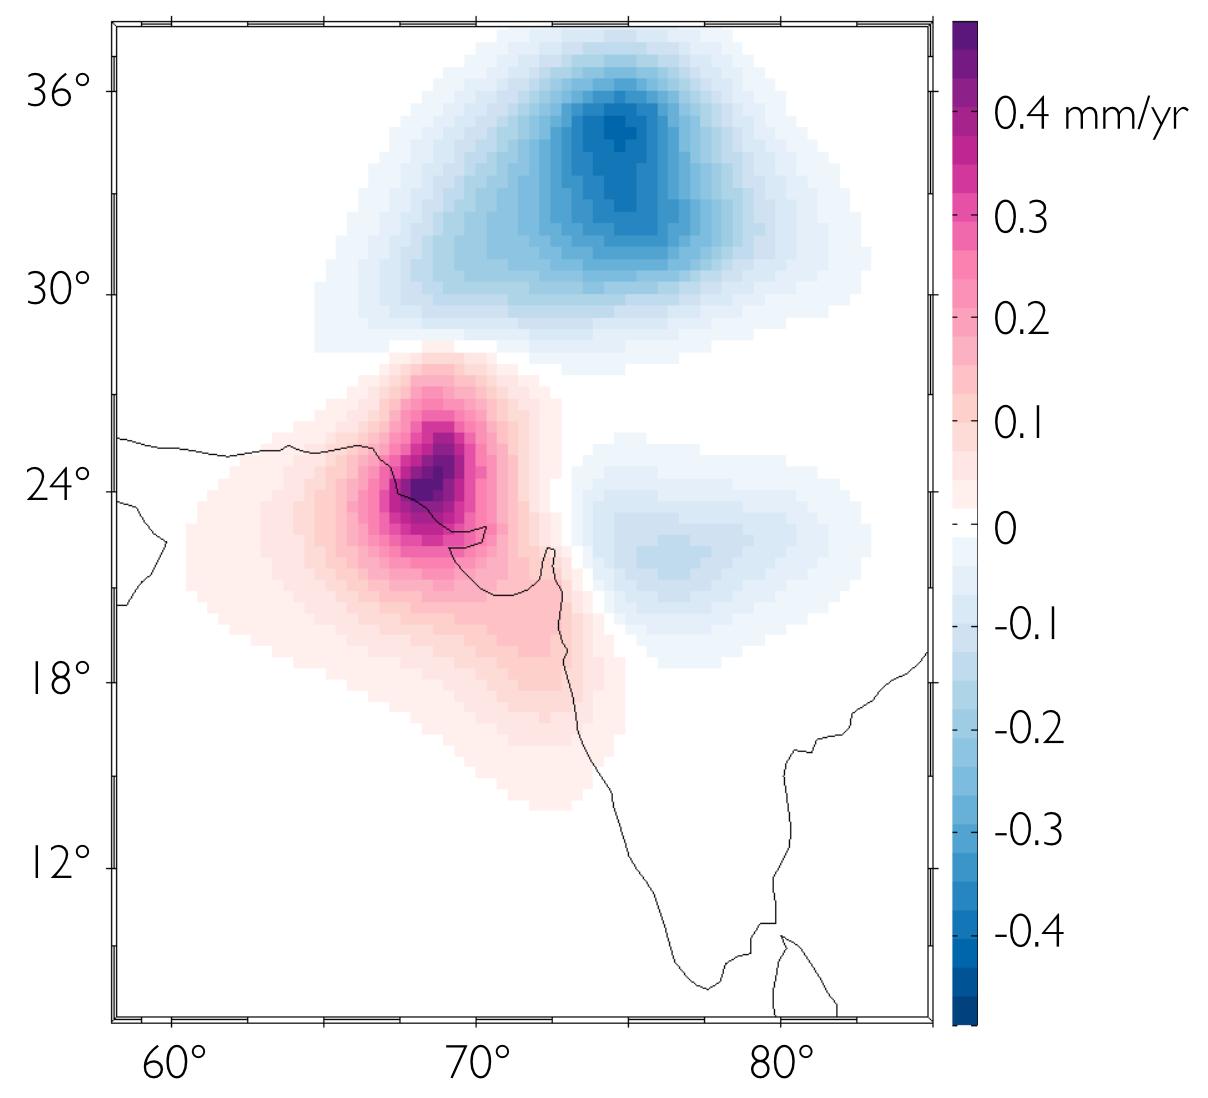 Modeled rates of sea level change